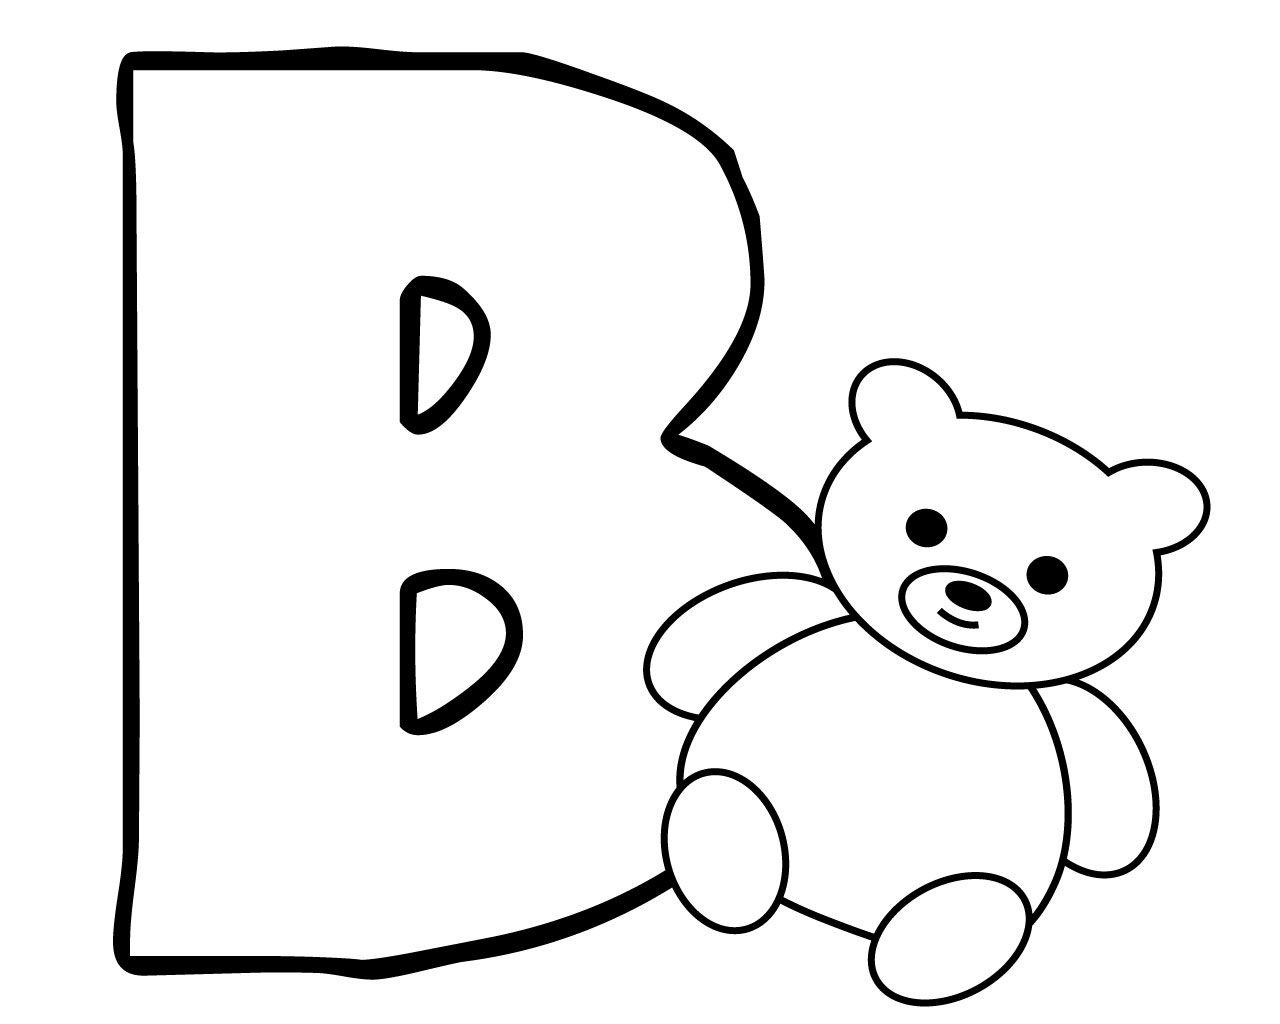 Letter B Coloring Pages For Preschoolers Coloriage Tortue Coloriage Gratuit Ours A Colorier